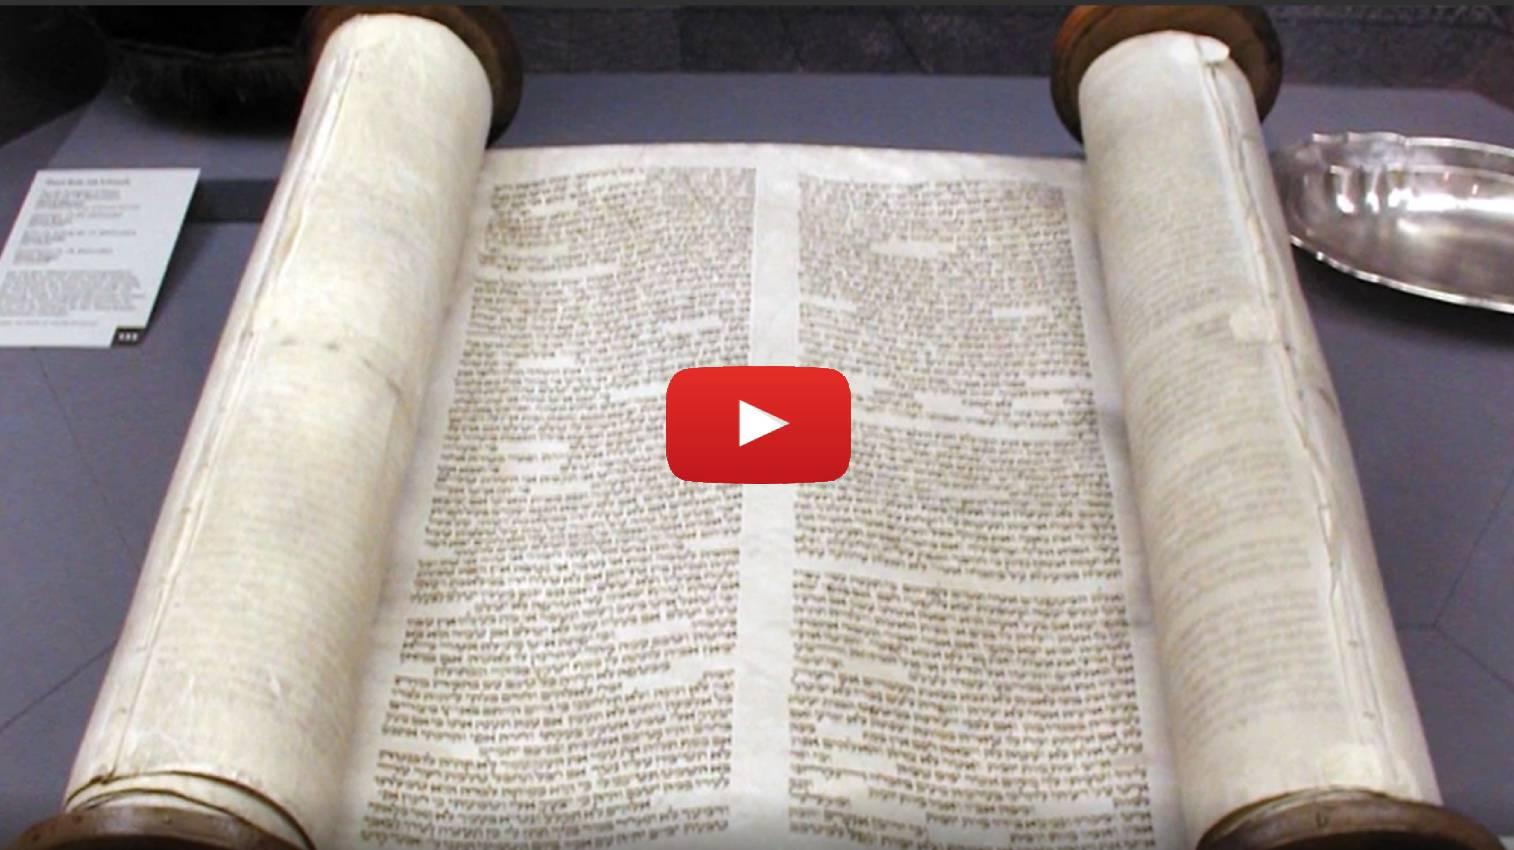 Simcha of the Hidden Torah